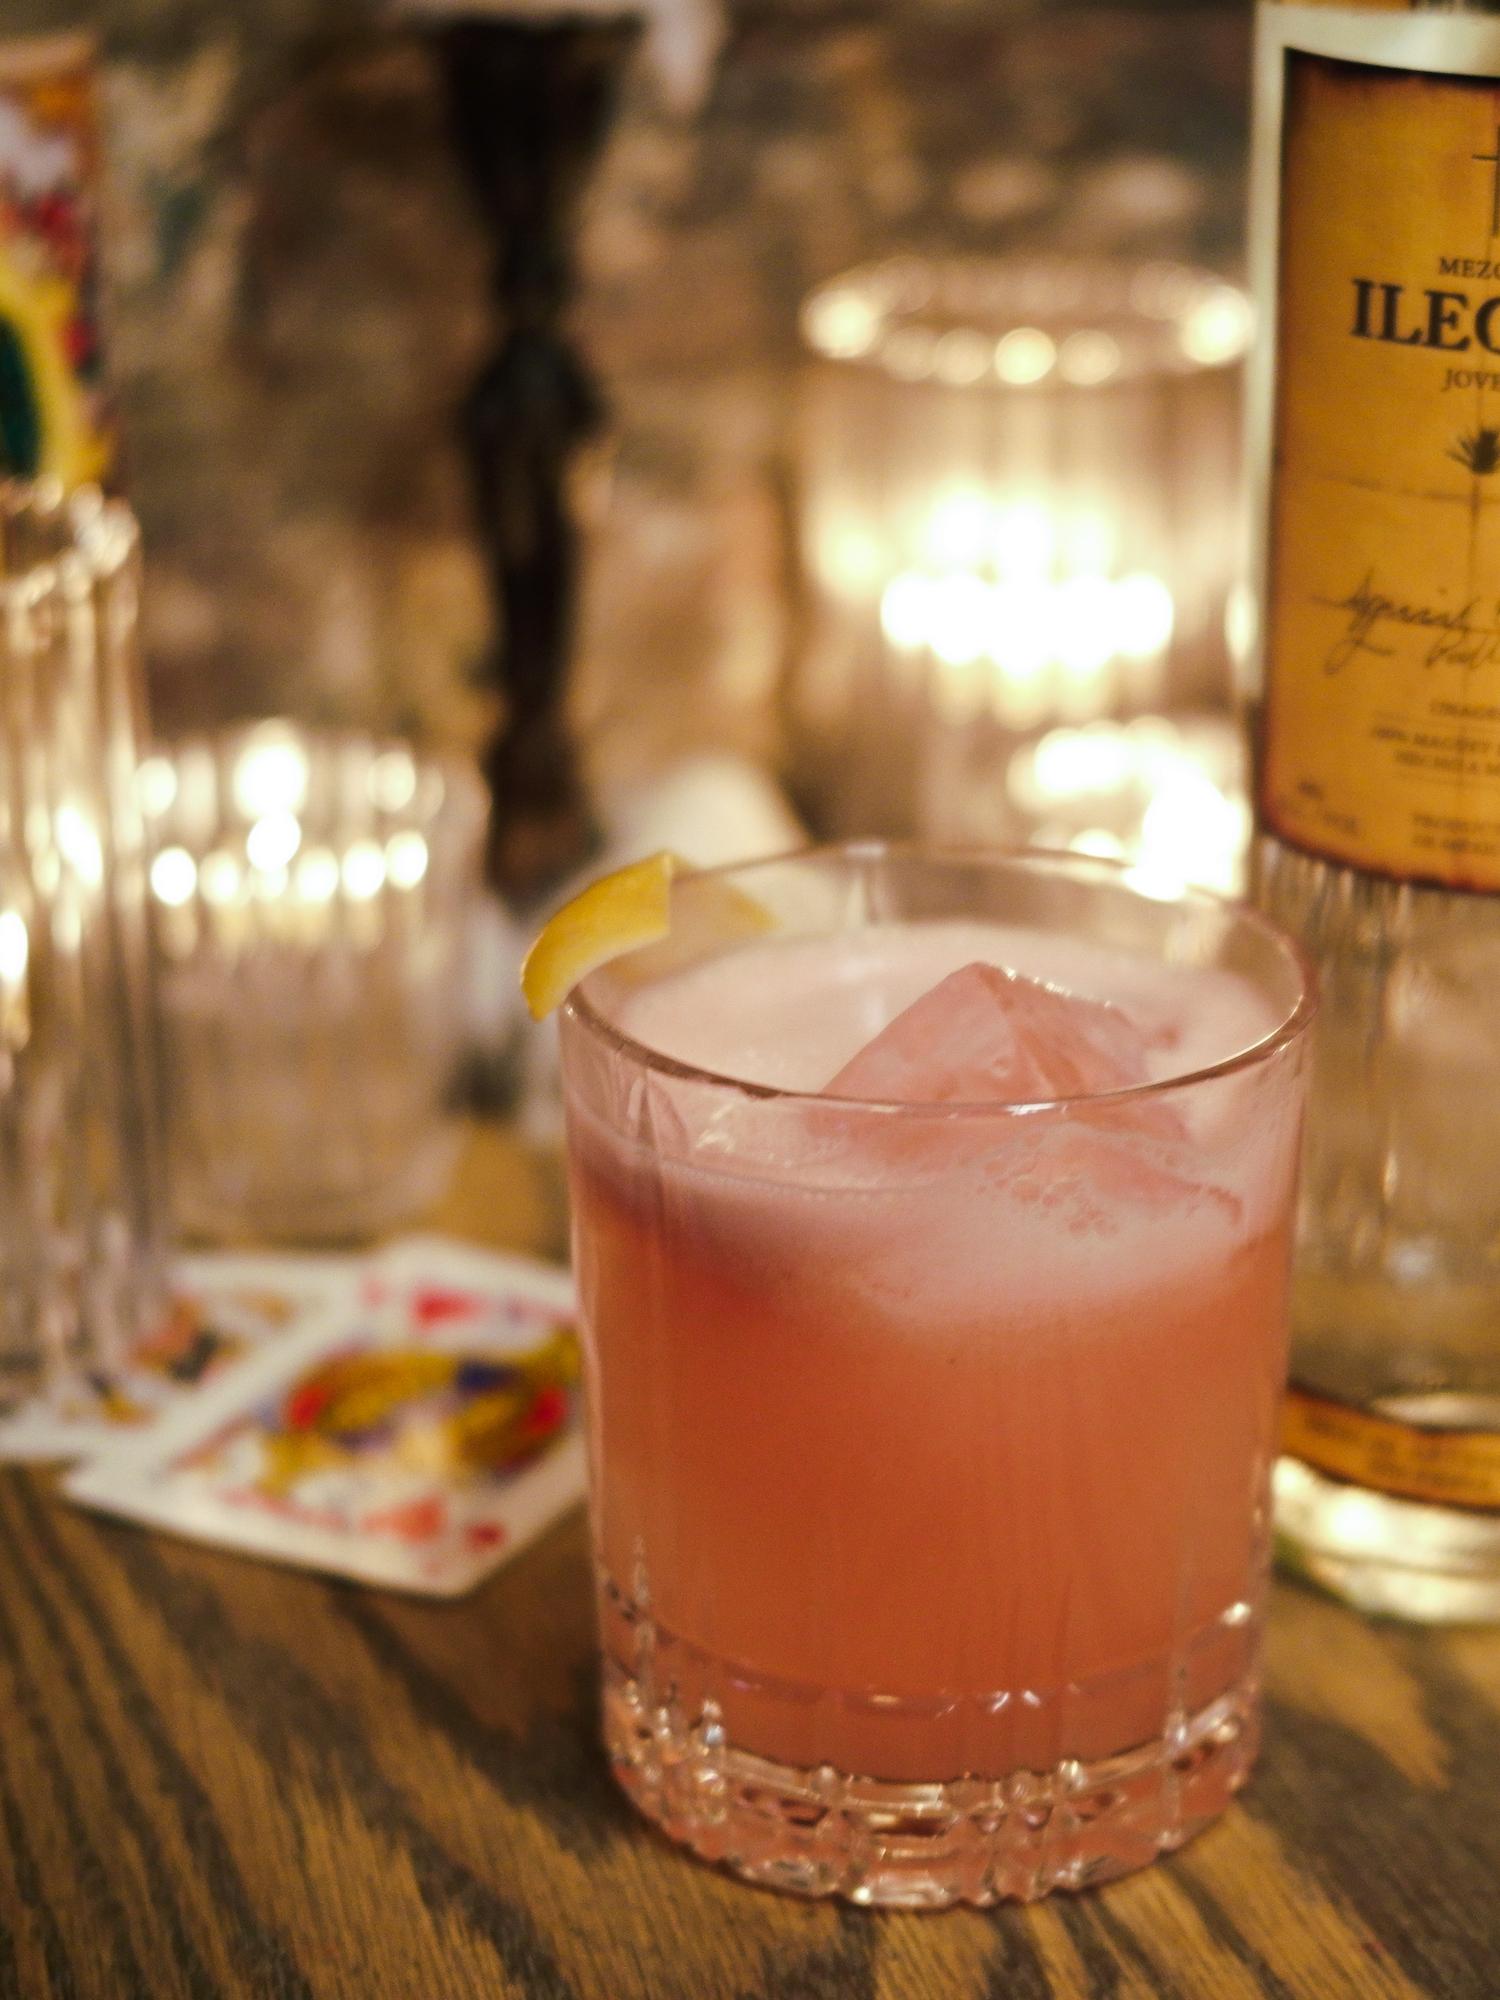 Ilegal Mezcal Cocktails - Smooth Criminal